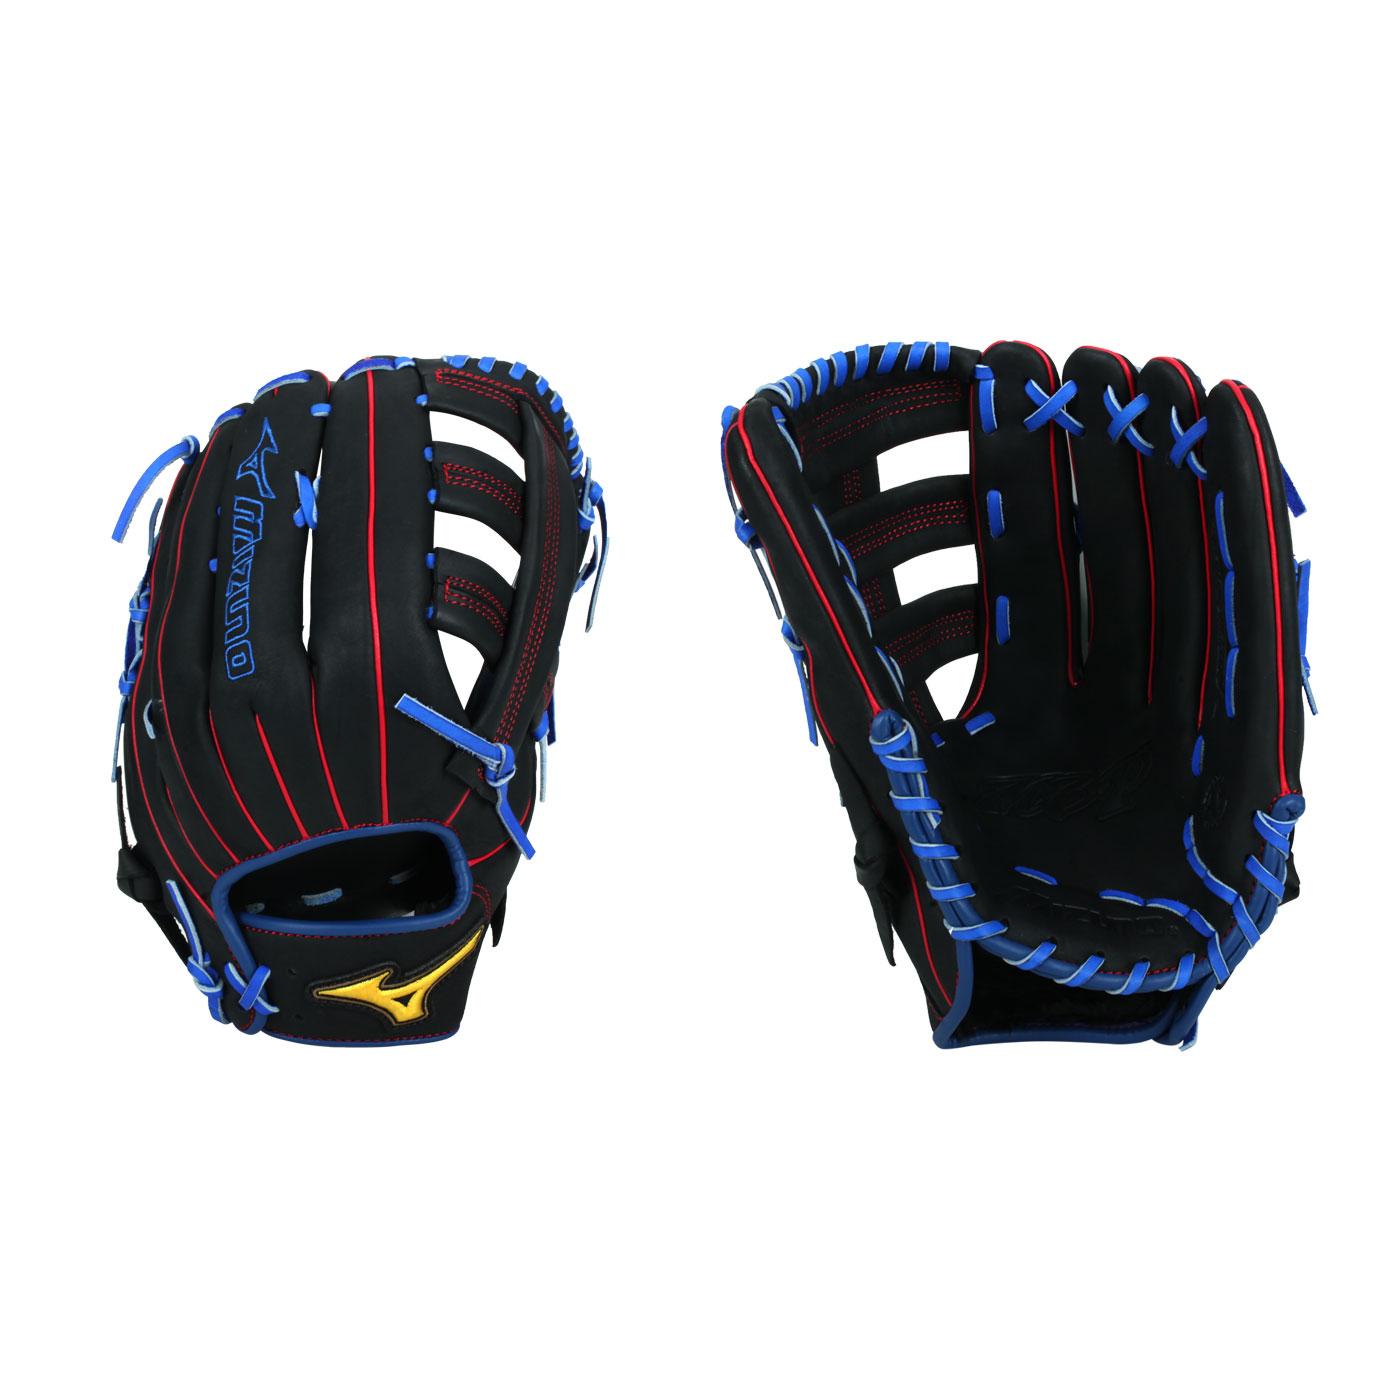 MIZUNO 壘球手套 1ATGS21890-09 - 黑藍紅黃